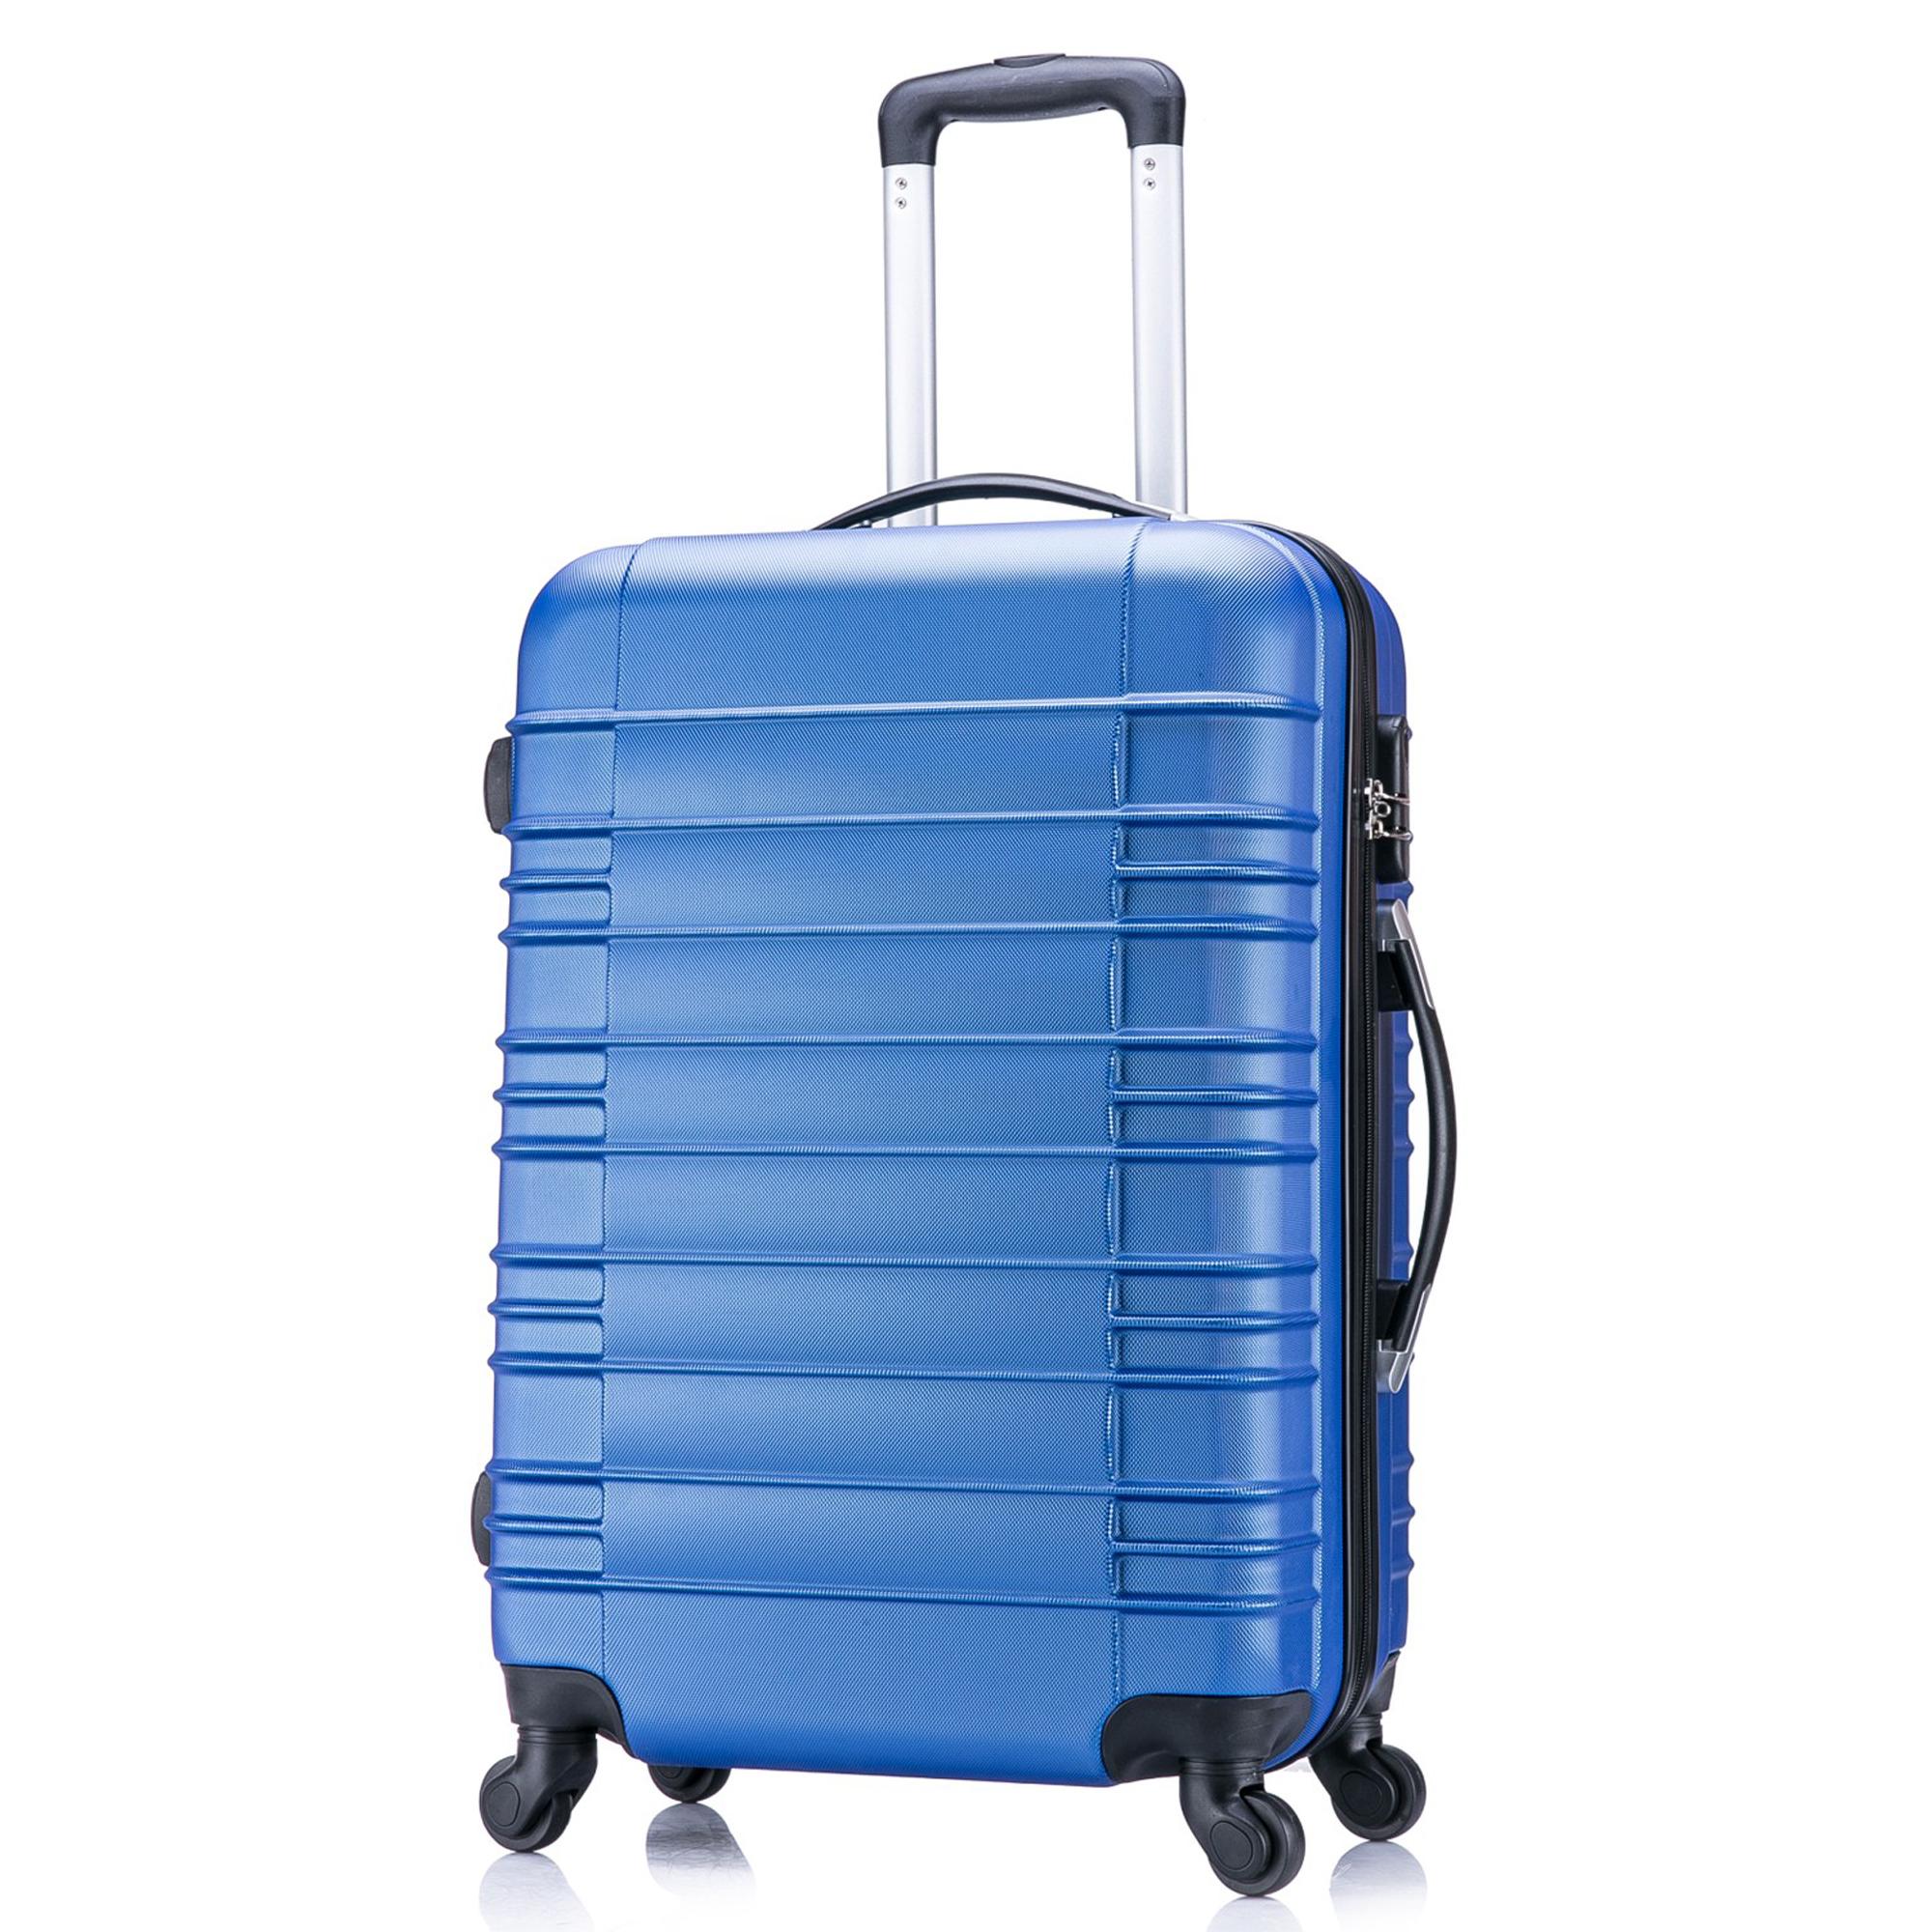 5 teiliges Koffer Set Hartschalenkoffer in 5 Farben - 19